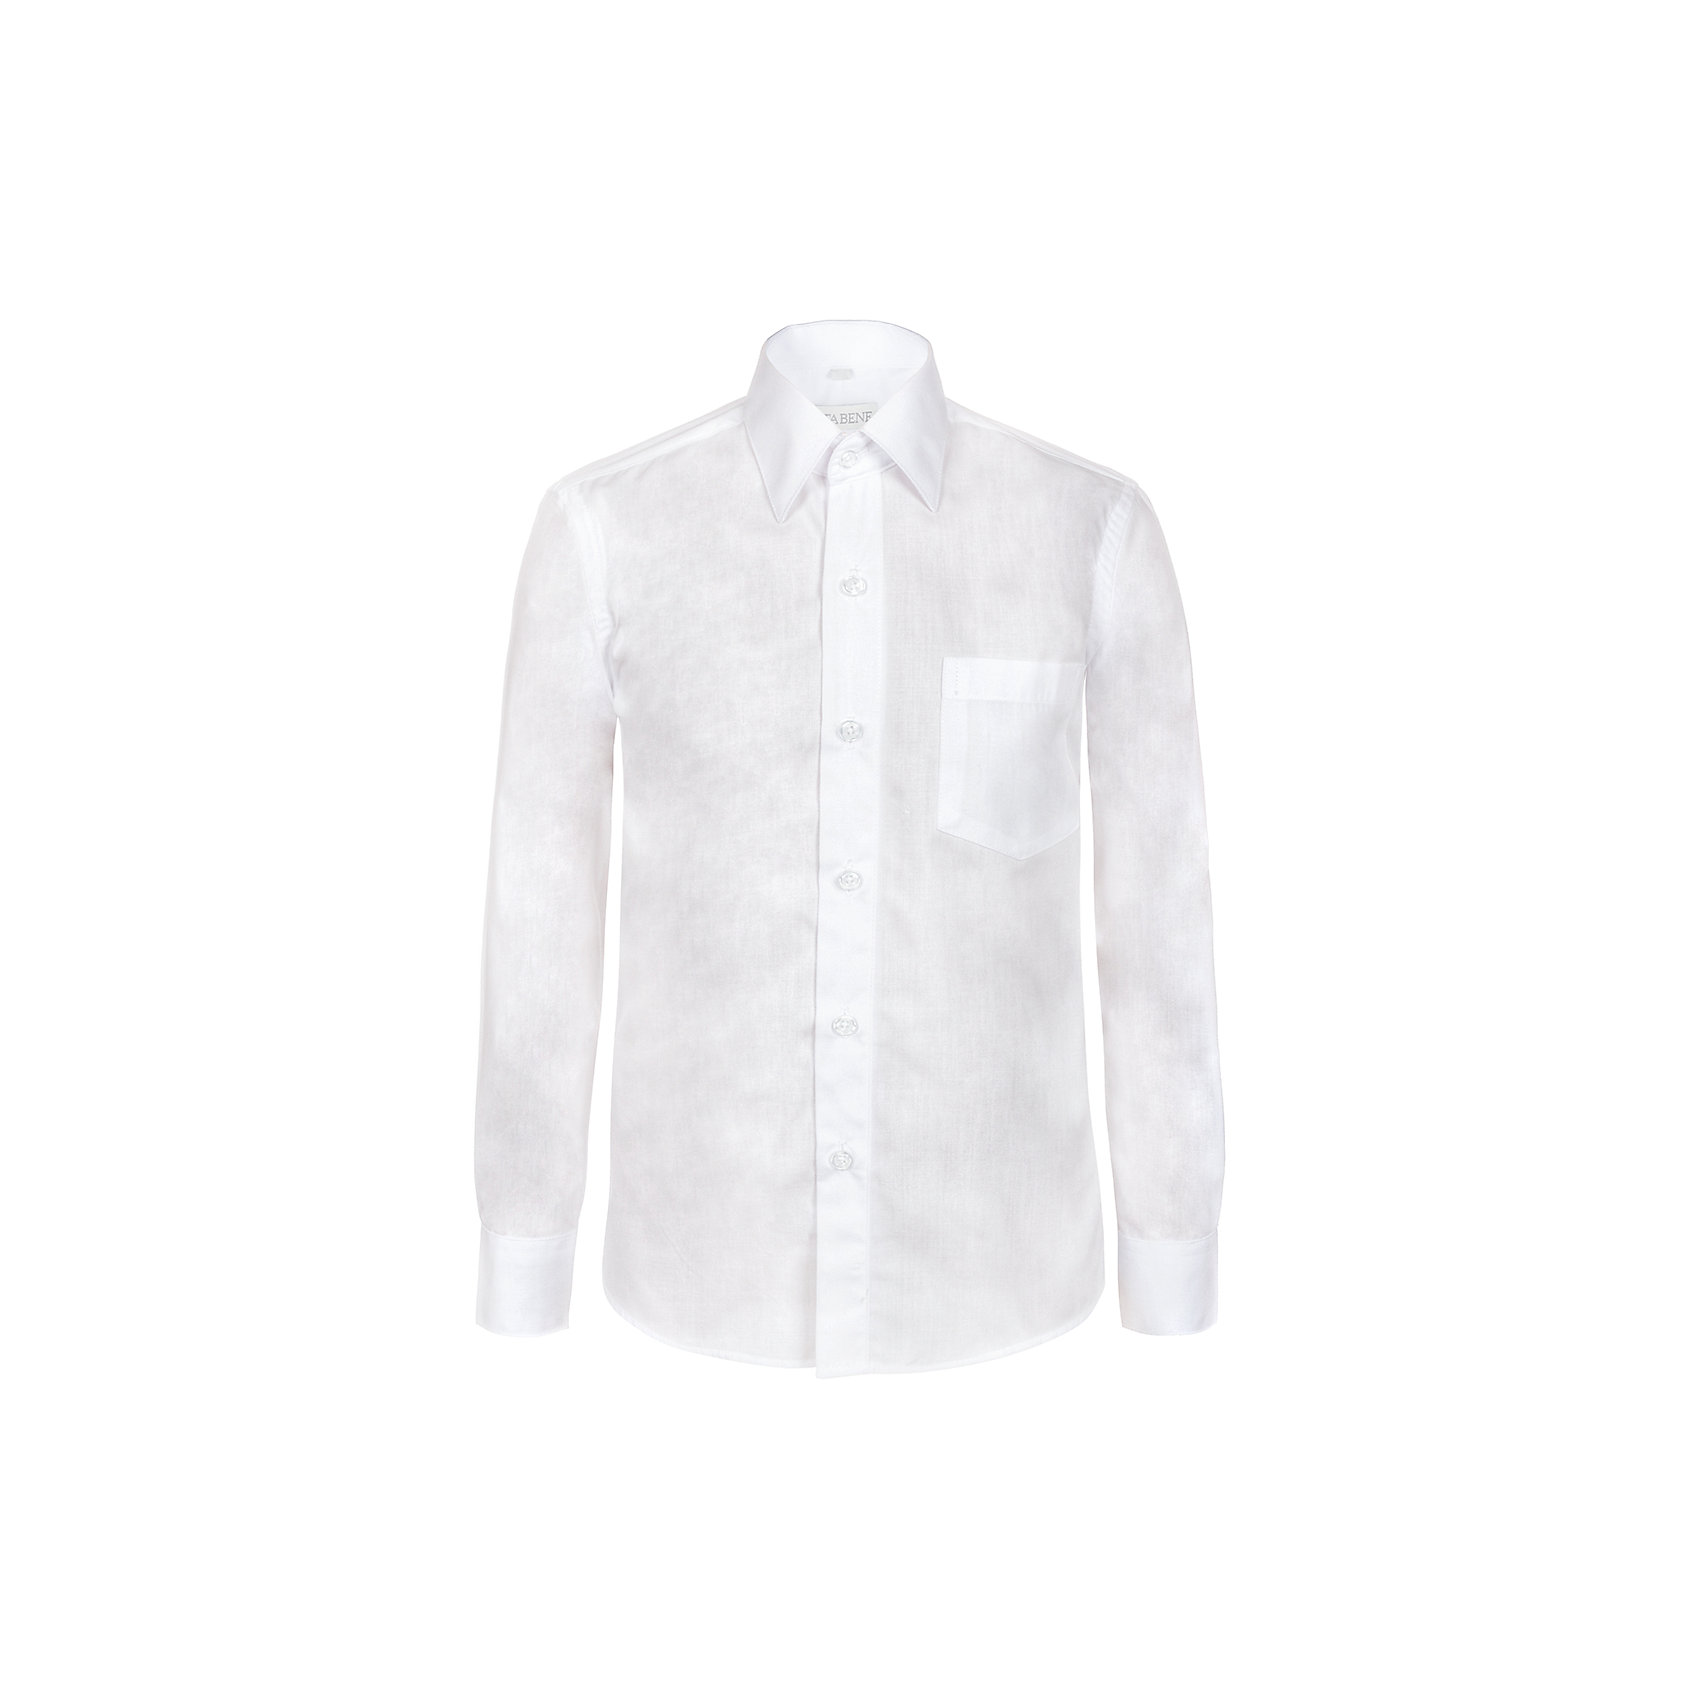 Рубашка Nota Bene для мальчикаБлузки и рубашки<br>Рубашка для мальчика текстильная,приталенная.Длинный рукав,с карманом.<br>Соответствует размеру.<br>Состав:<br>80% хлопок; 20% полиэстер<br><br>Ширина мм: 174<br>Глубина мм: 10<br>Высота мм: 169<br>Вес г: 157<br>Цвет: белый<br>Возраст от месяцев: 156<br>Возраст до месяцев: 168<br>Пол: Мужской<br>Возраст: Детский<br>Размер: 164,146,152,158<br>SKU: 7012279